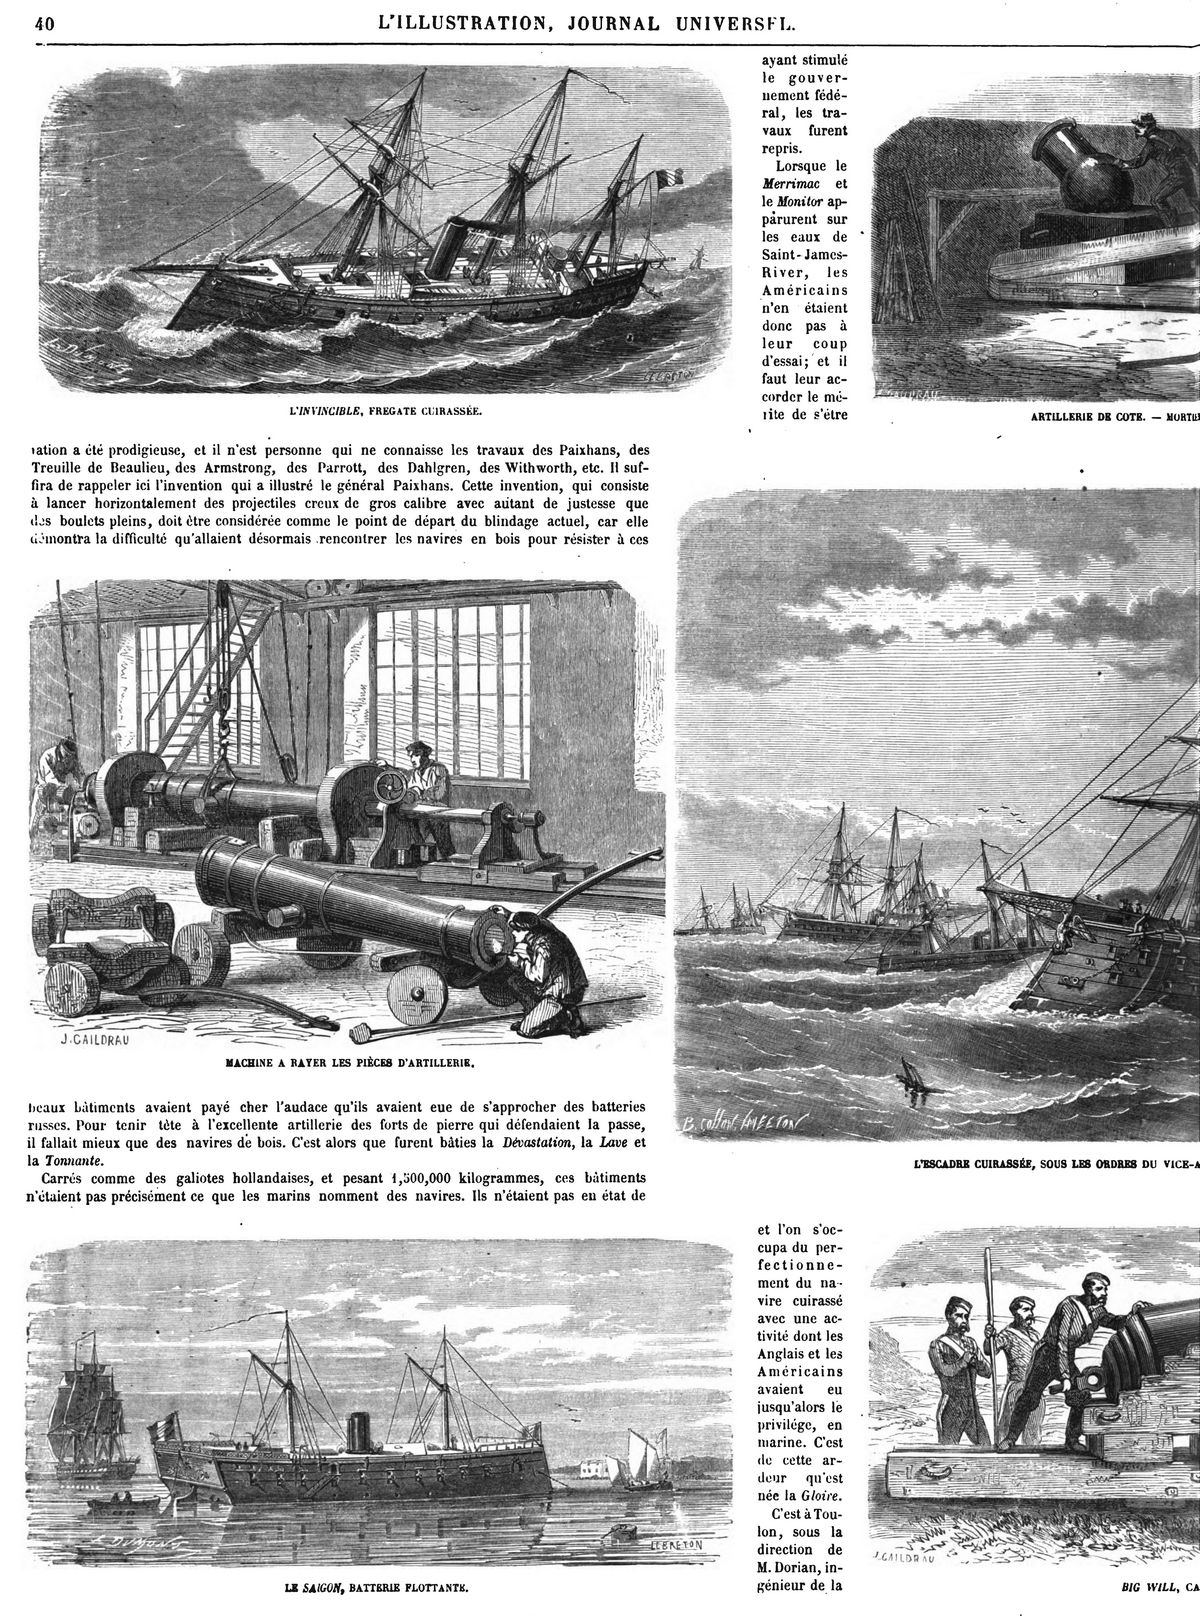 Les navires cuirassés et les nouveaux canons,en France et en Angleterre